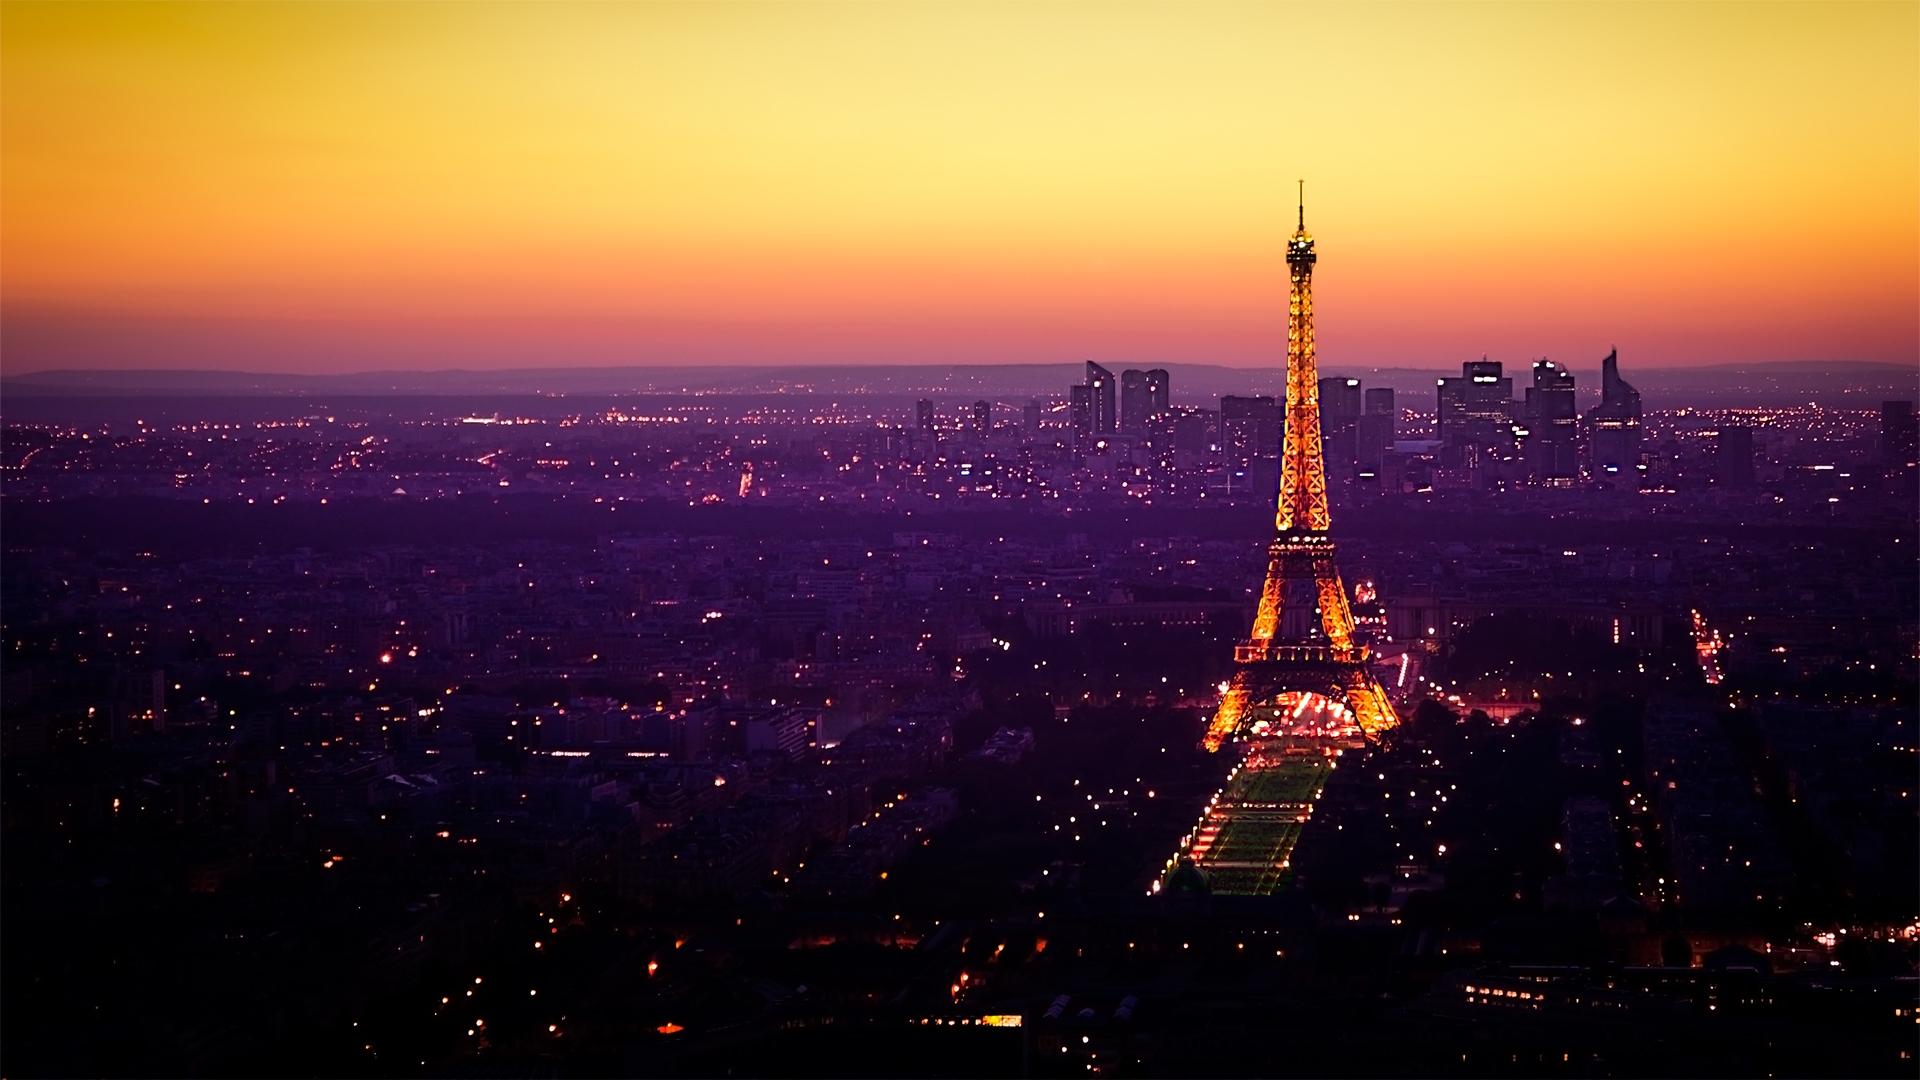 デスクトップ壁紙 パリ フランス エッフェル塔 夕暮れ ライト 19x1080 Coolwallpapers デスクトップ壁紙 Wallhere